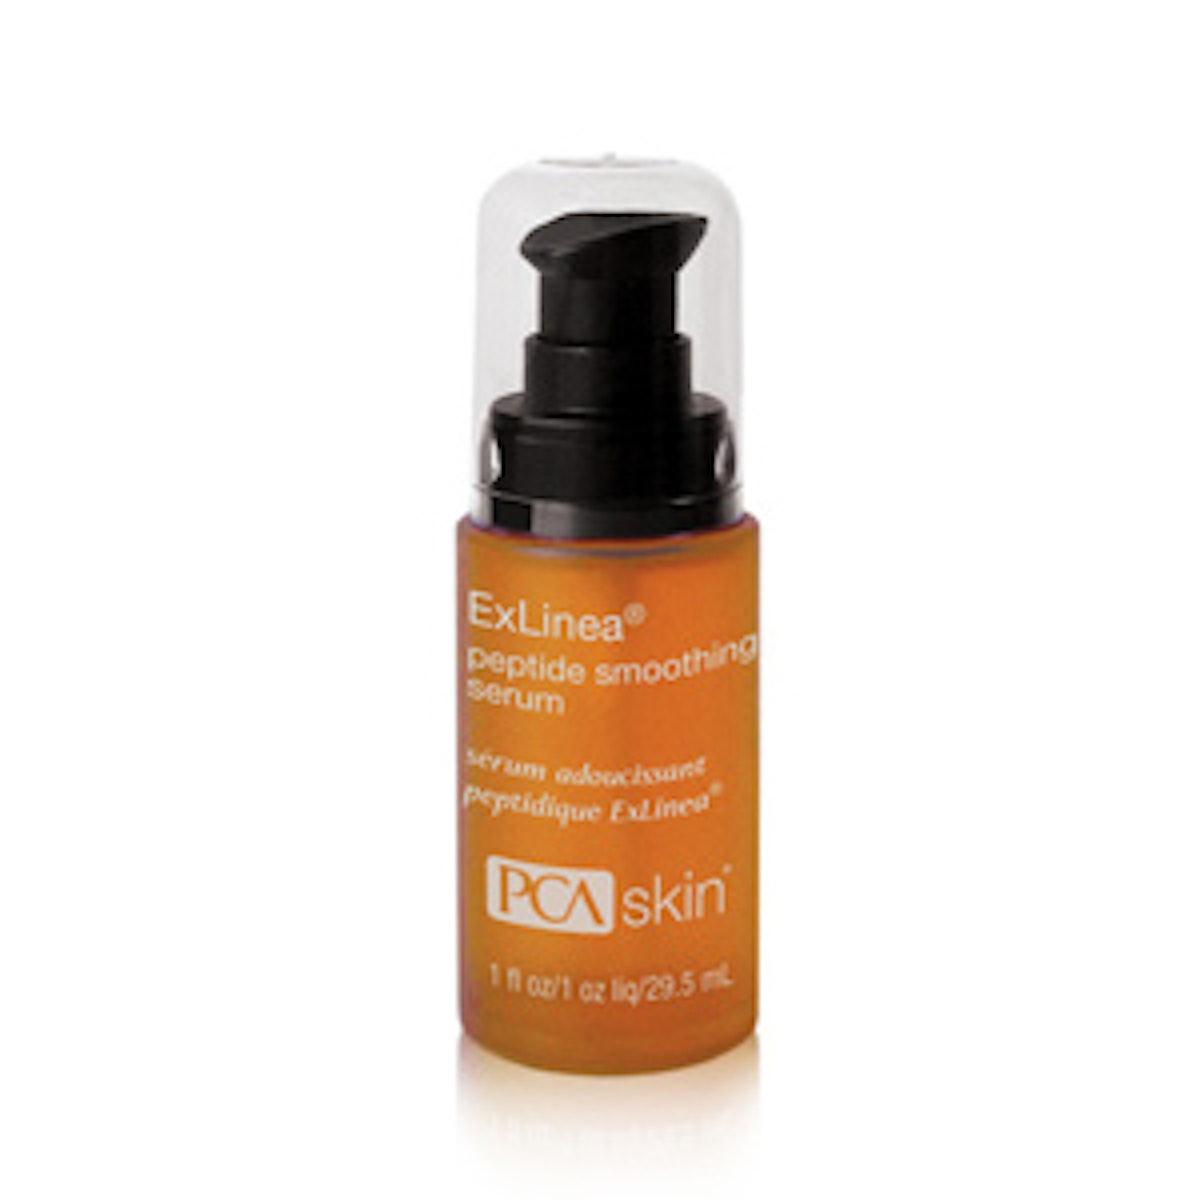 PCA Skin Peptide Smoothing Serum